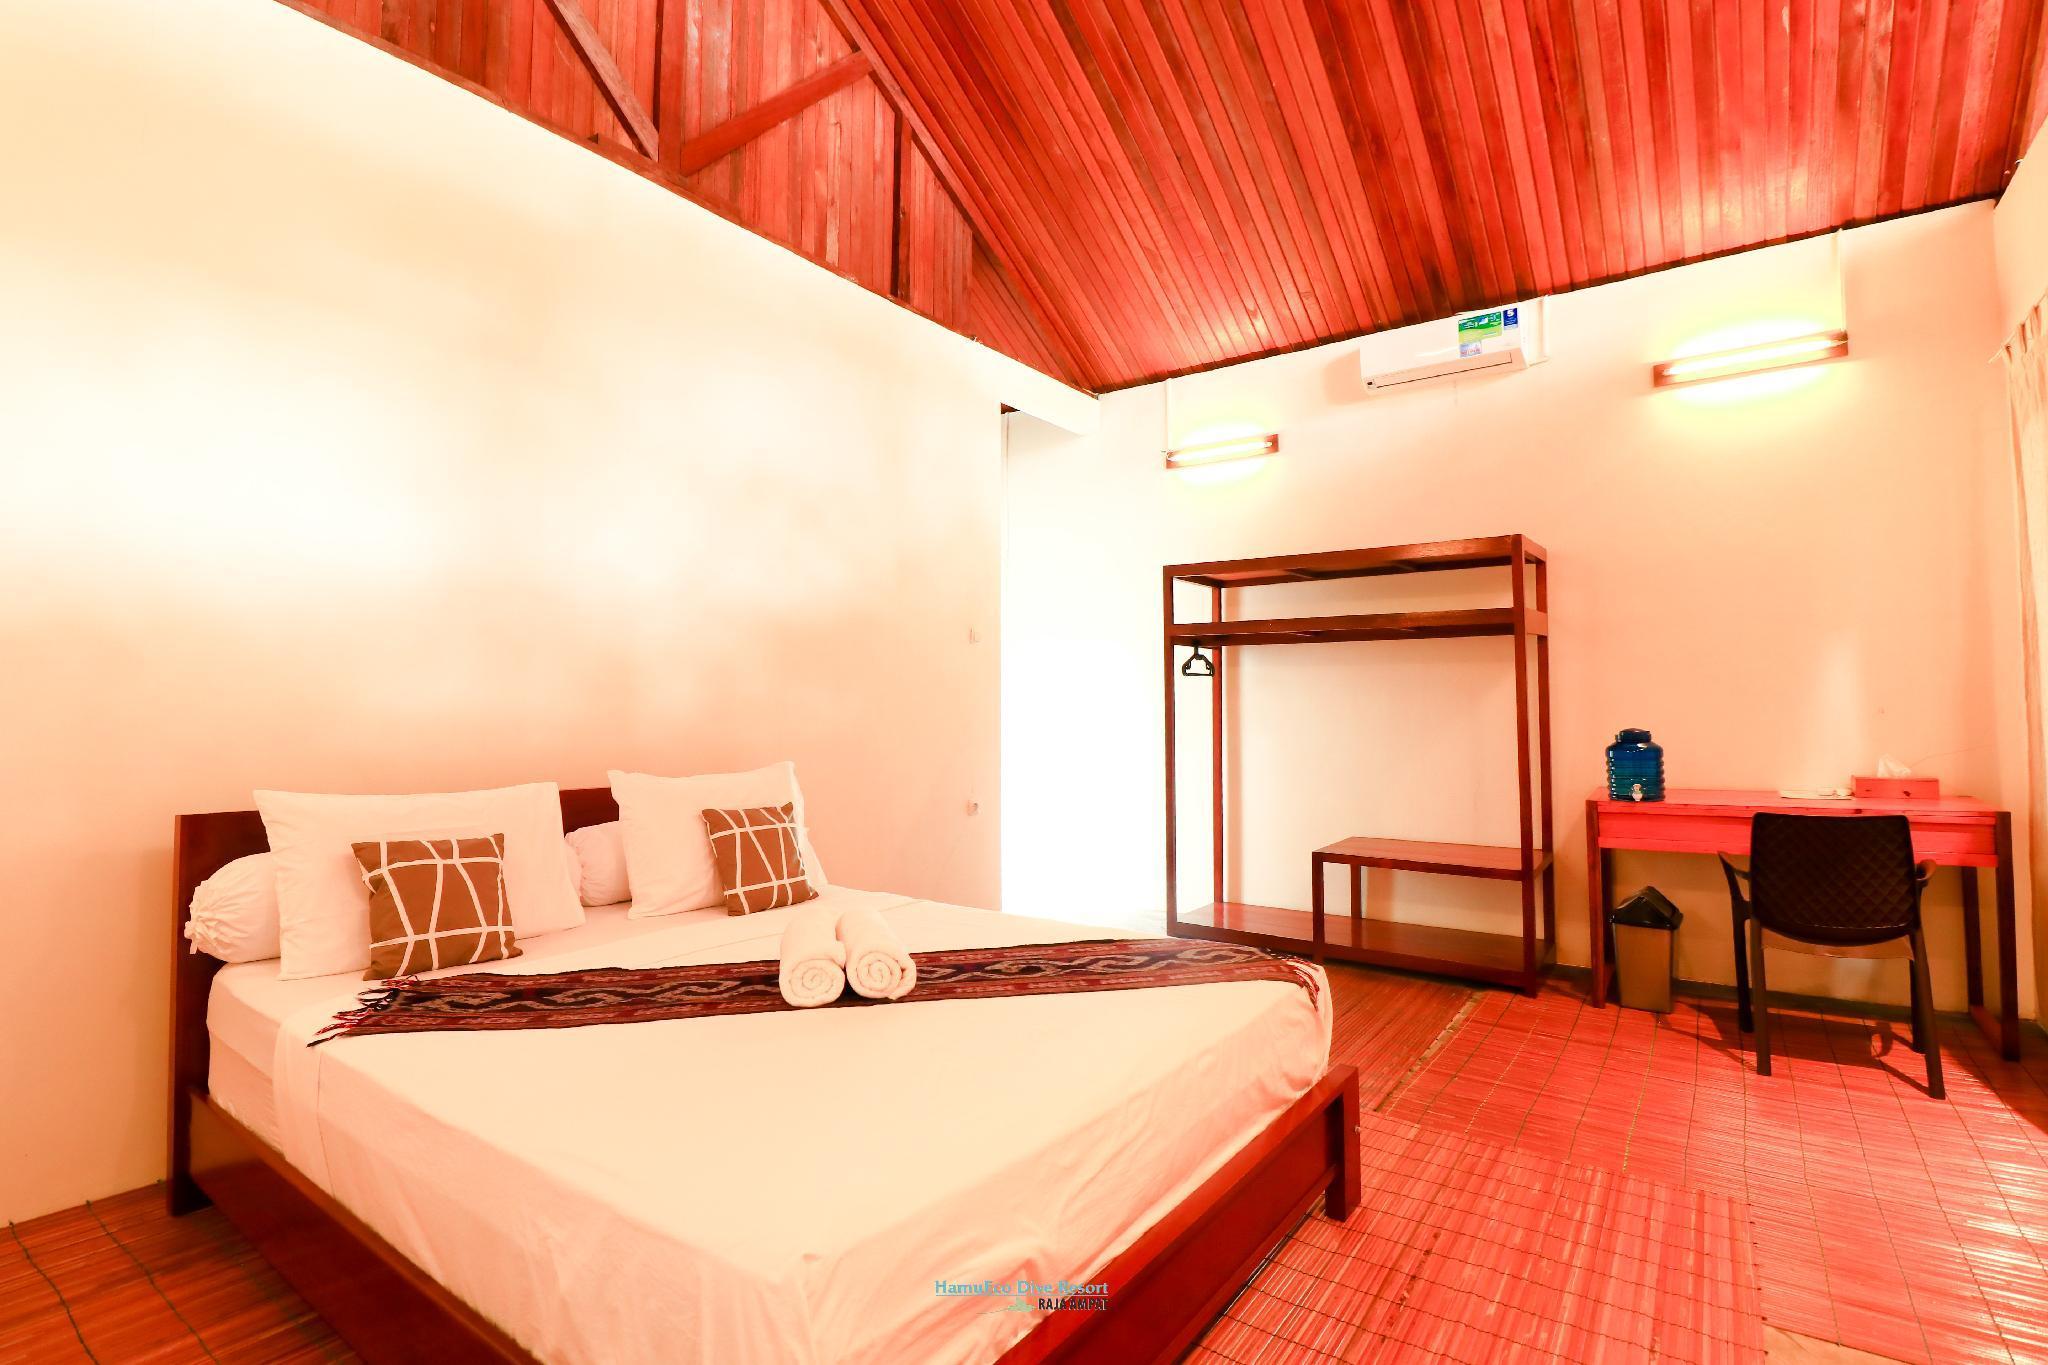 Hamueco Raja Ampat Resort